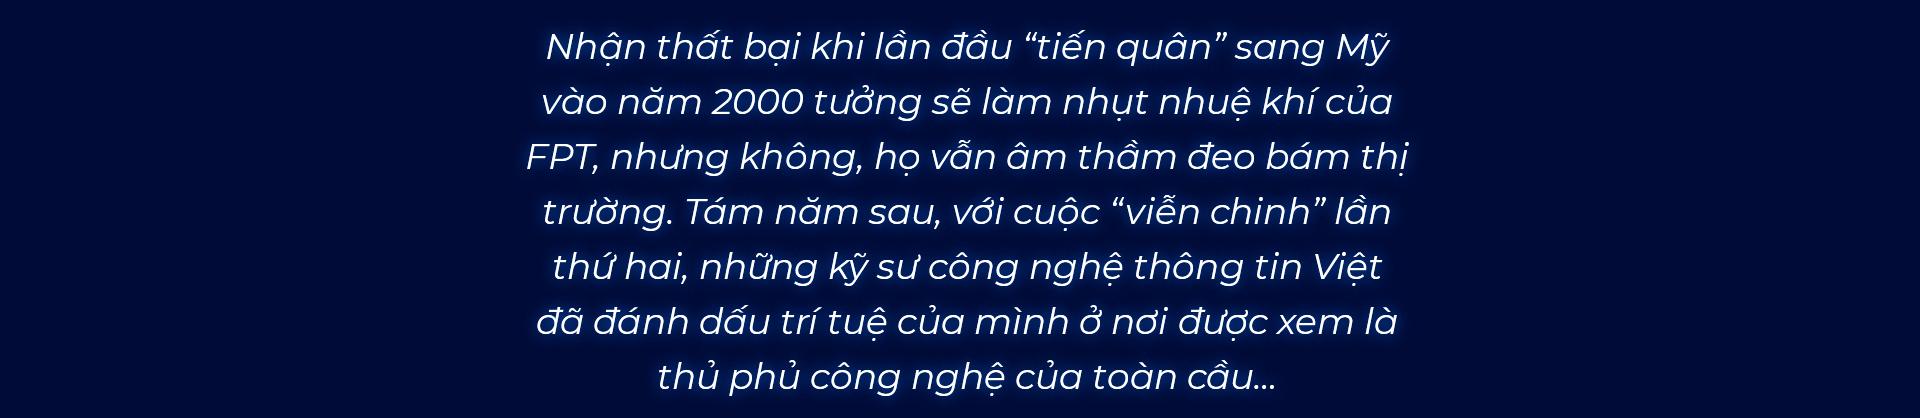 FPT America: Hành trình khẳng định trí tuệ Việt ở thủ phủ công nghệ thế giới - Ảnh 1.